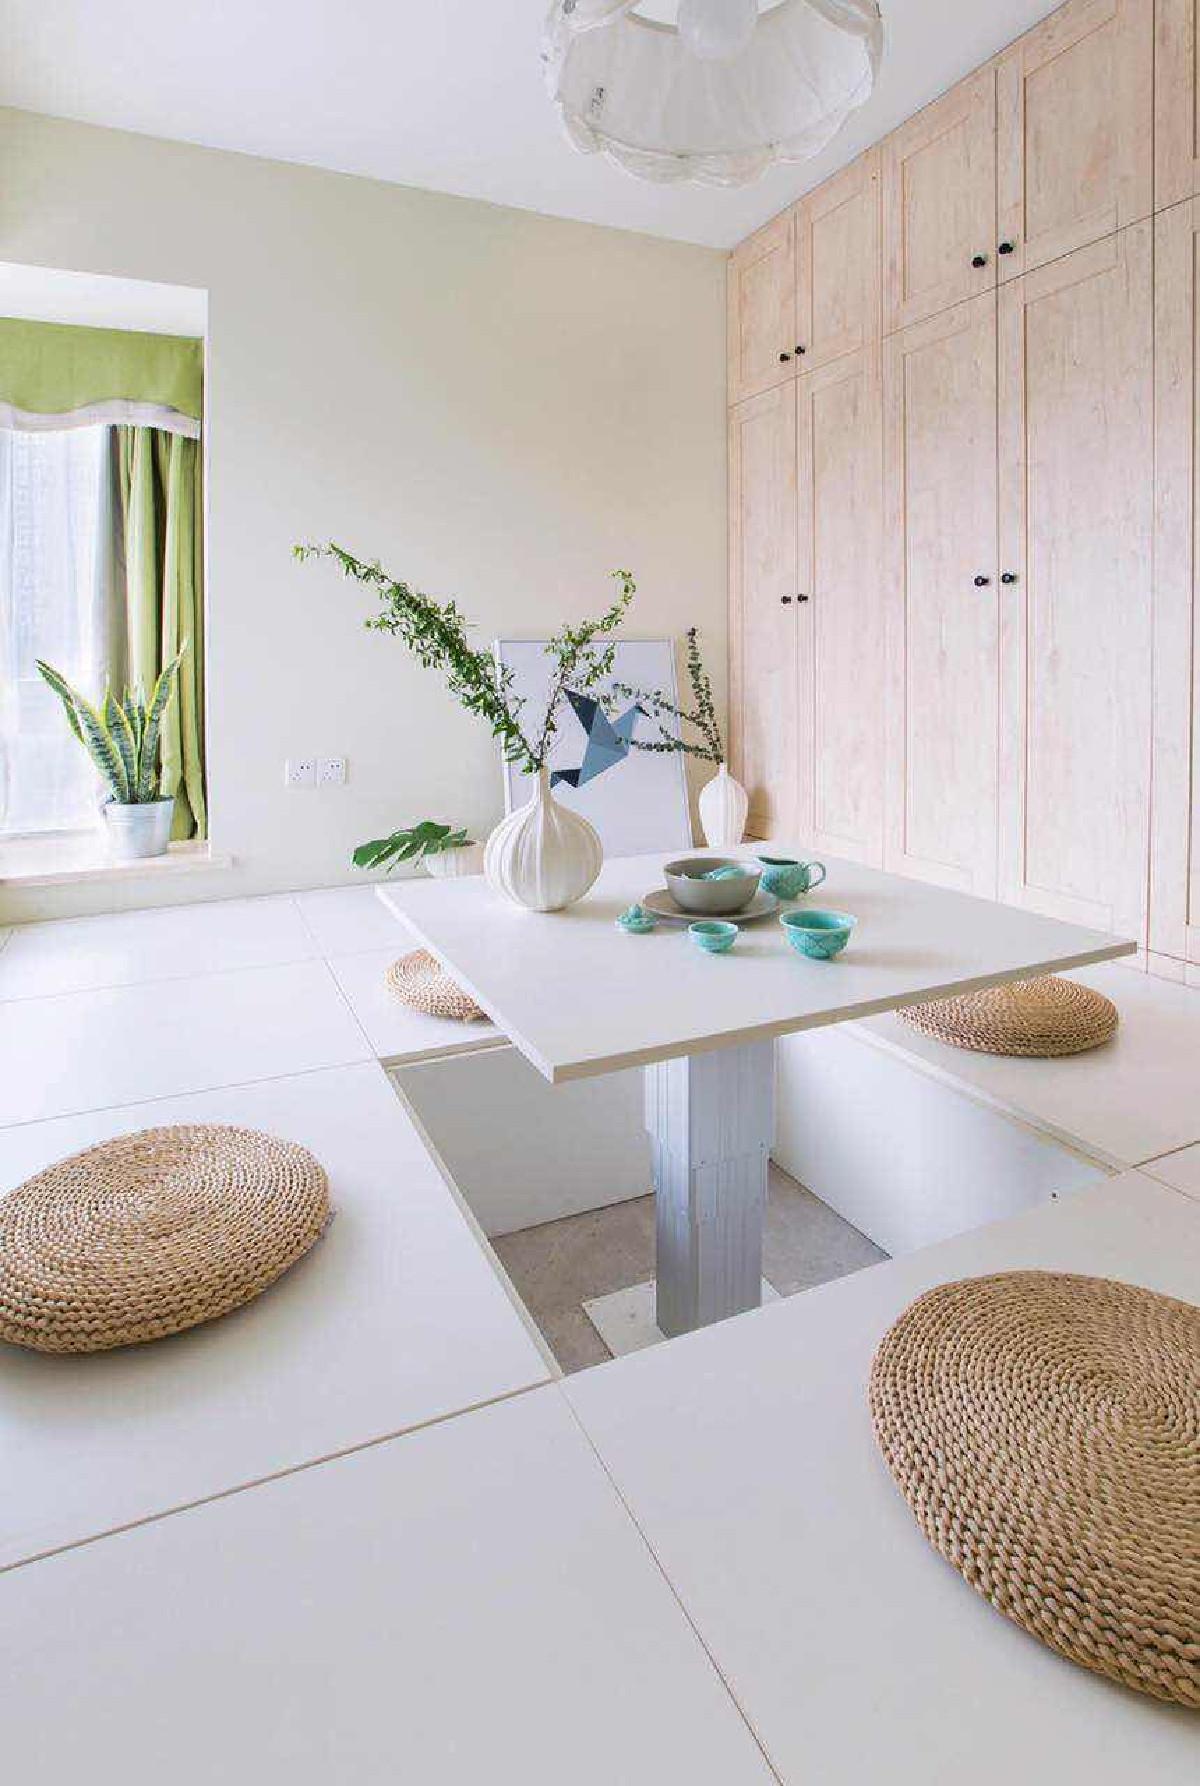 简洁、直接、功能化且贴近自然,一份宁静的北欧风情,绝非是蛊惑人心的虚华设计影响。